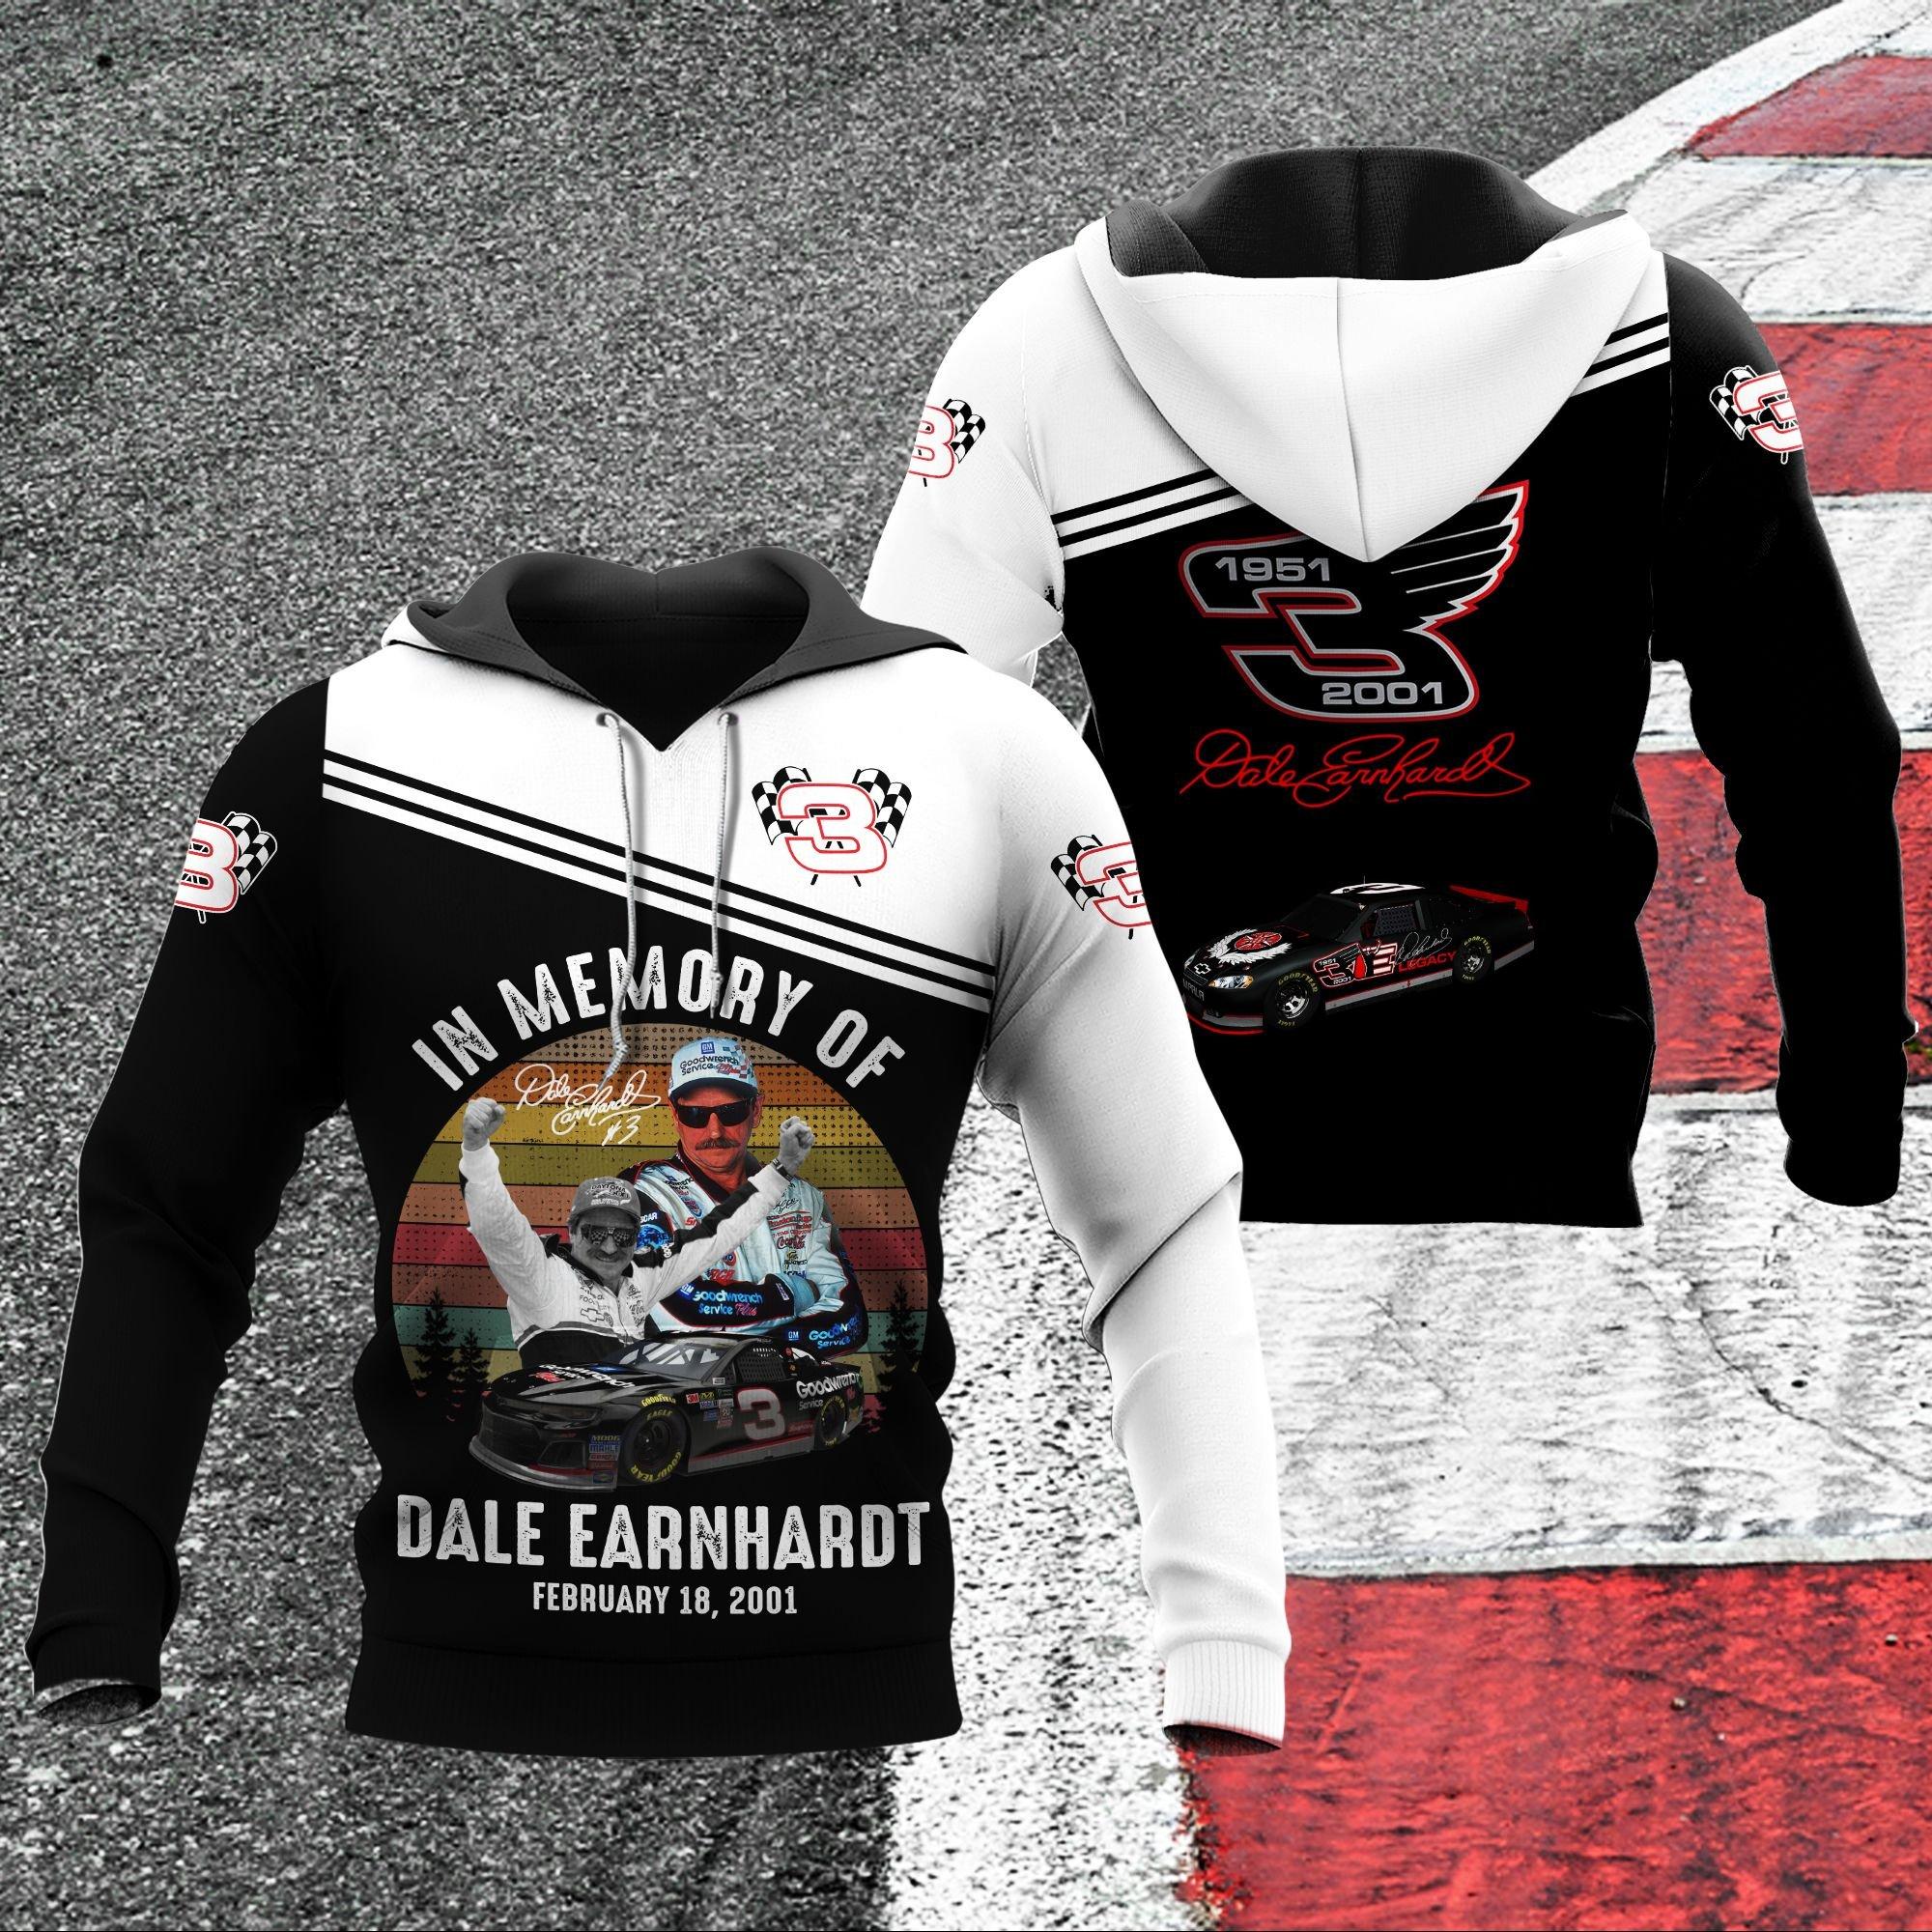 Dale Earnhardt racing 1951-2001 respect 3D Hoodie